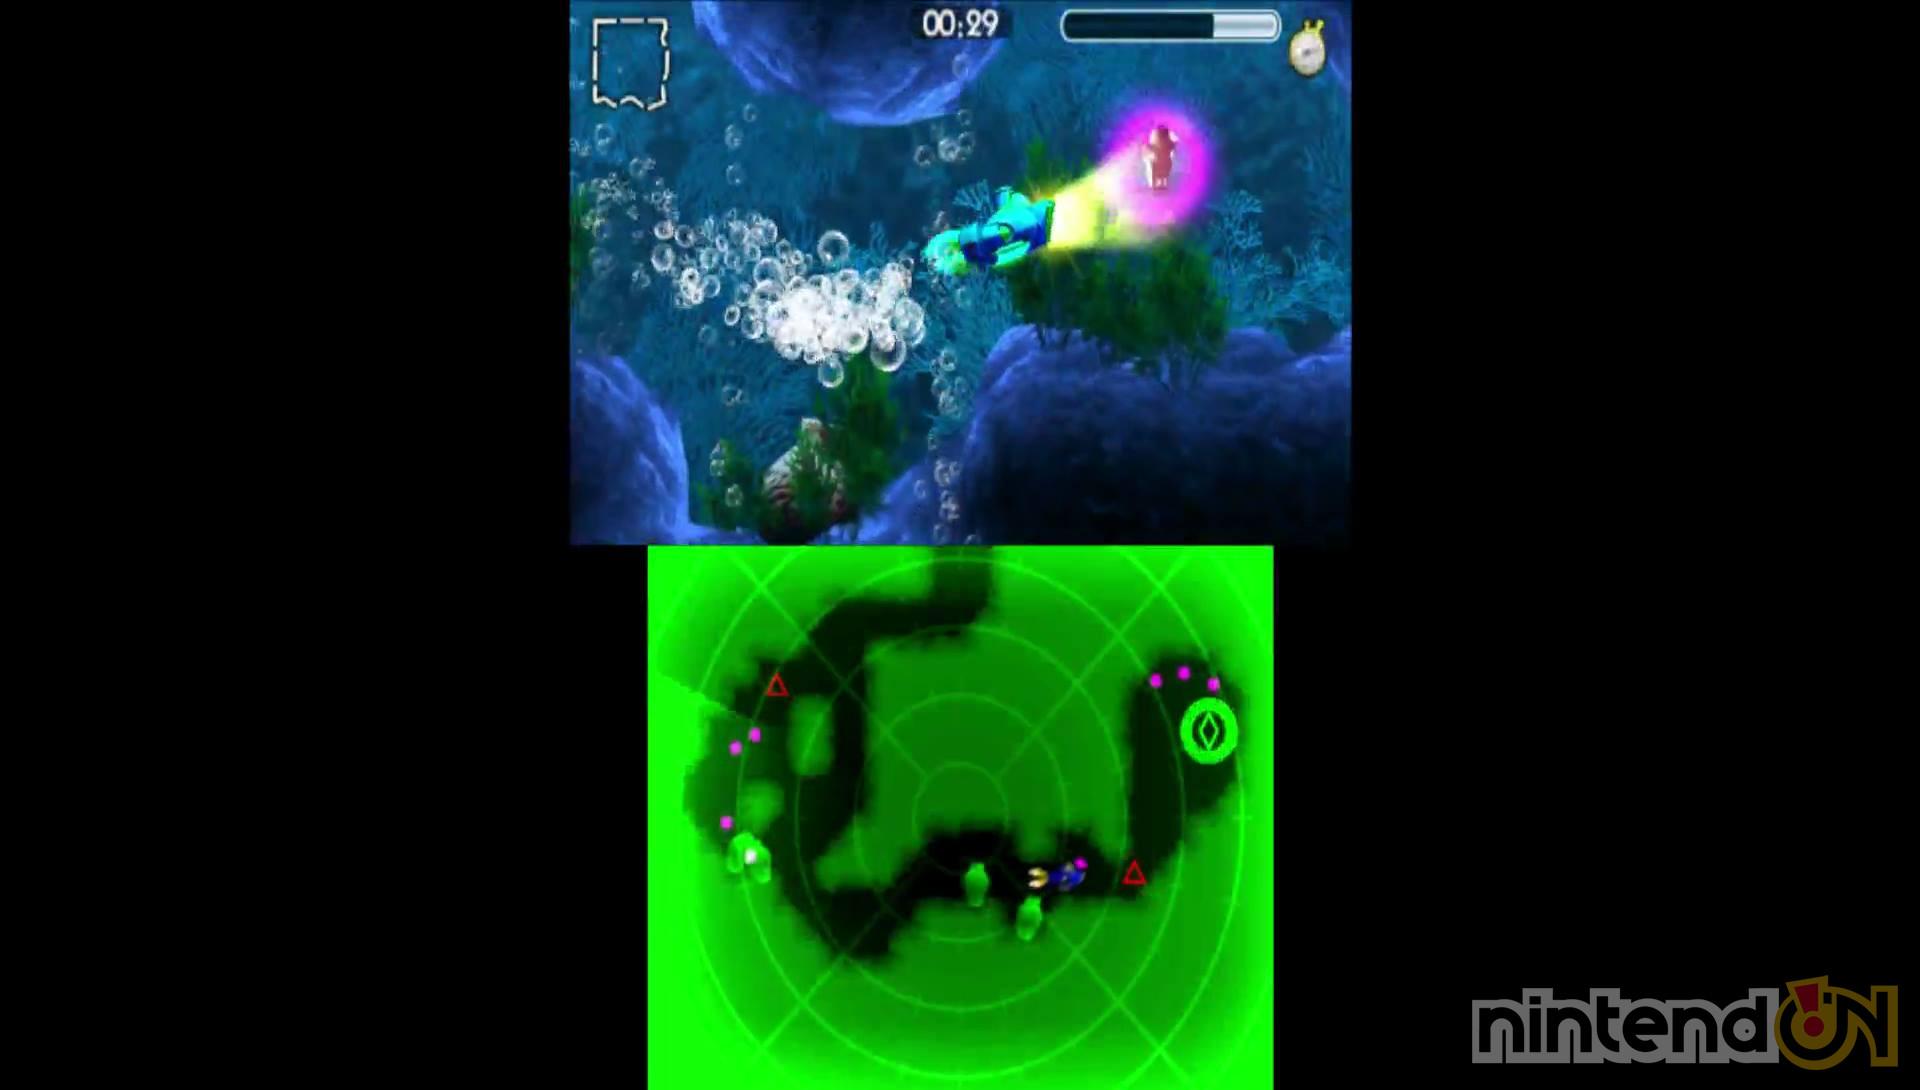 sonic-boom-fuoco-ghiaccio-screen04-anteprima-nintendon